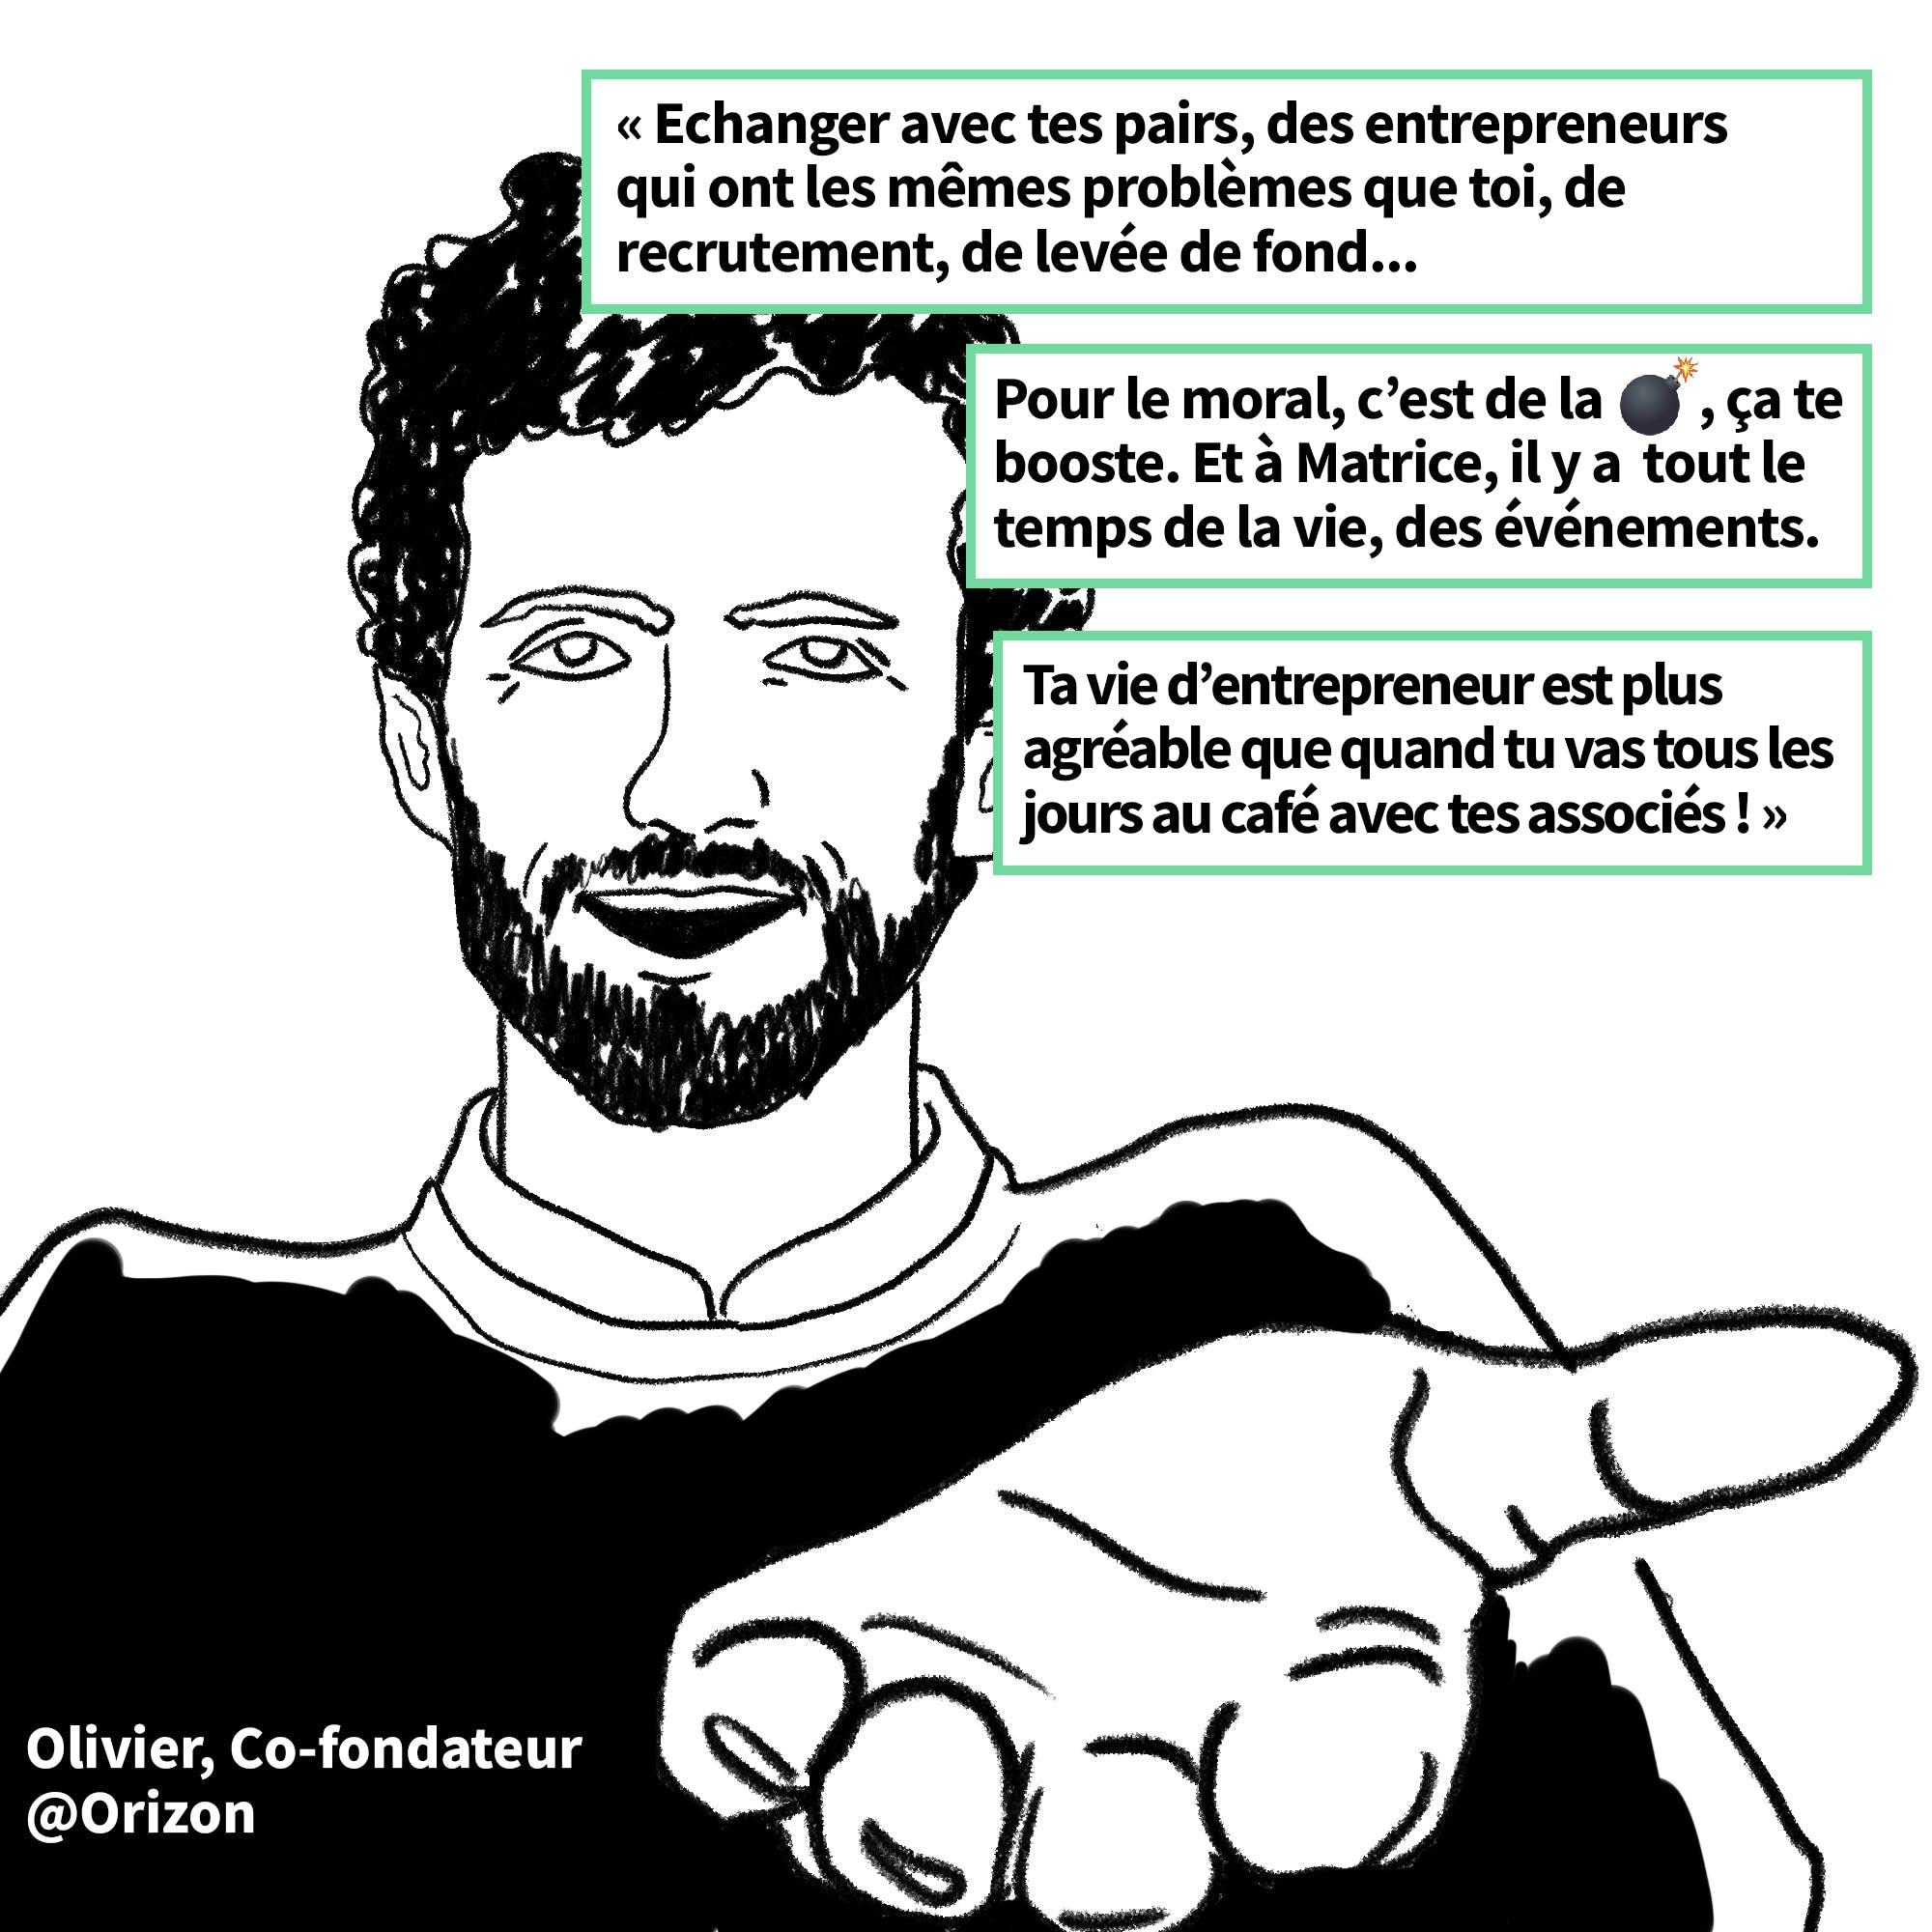 Olivier Hamelin de la startup Orizon